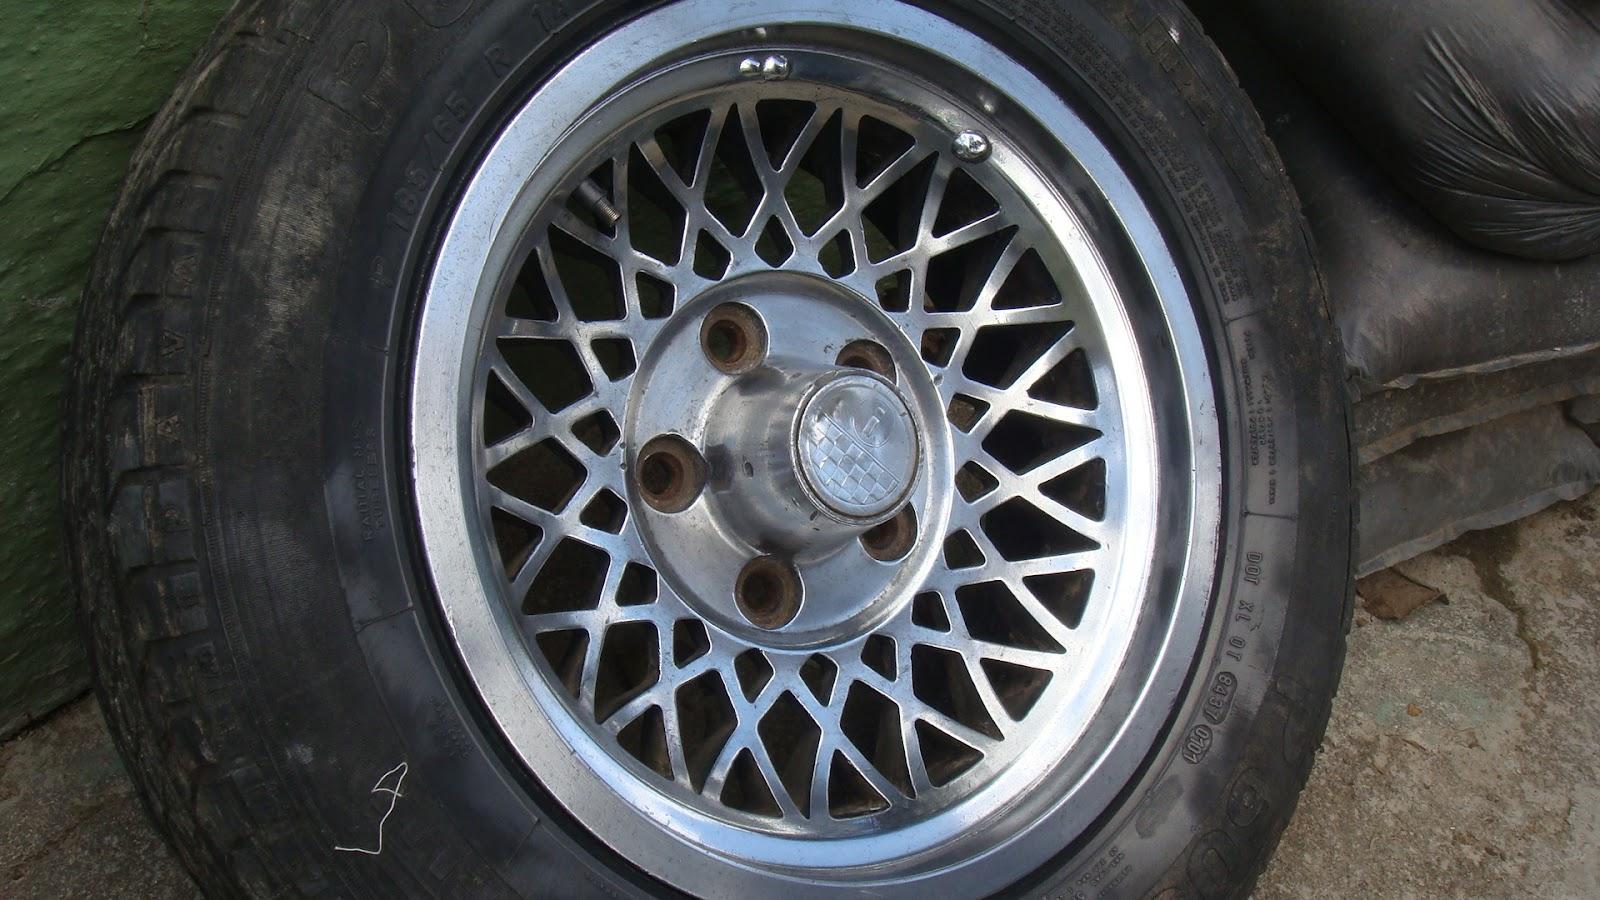 #446287  de alumínio retrovisores tampas de válvulas frisos materiais em inox 1496 Tirar Mancha Janela De Aluminio